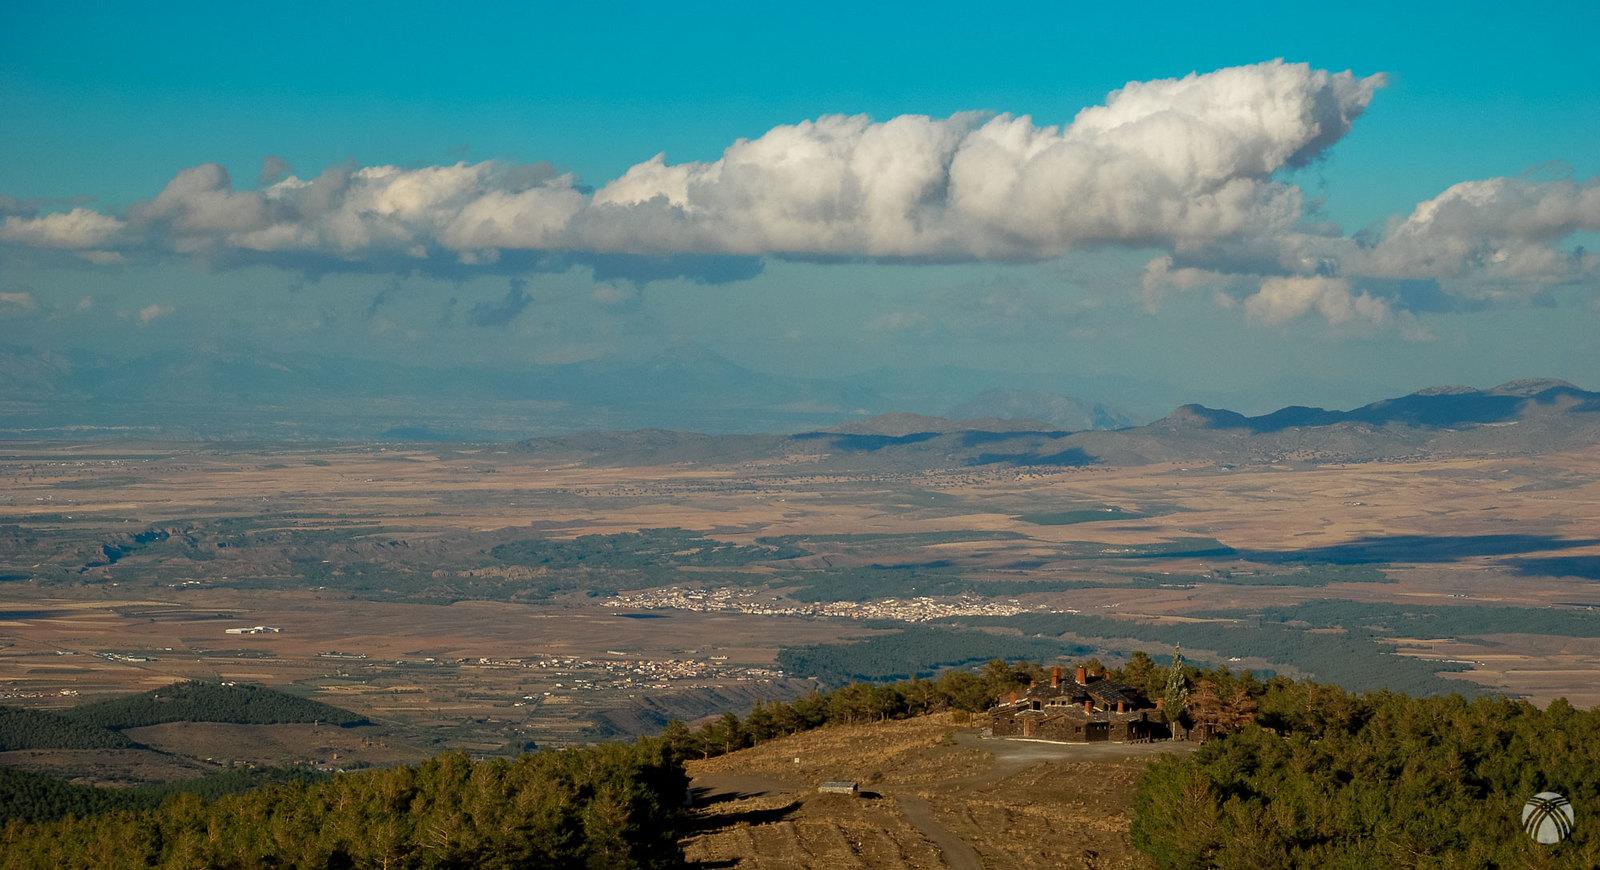 El marquesado de Zenete, las nubes y el amplio horizonte